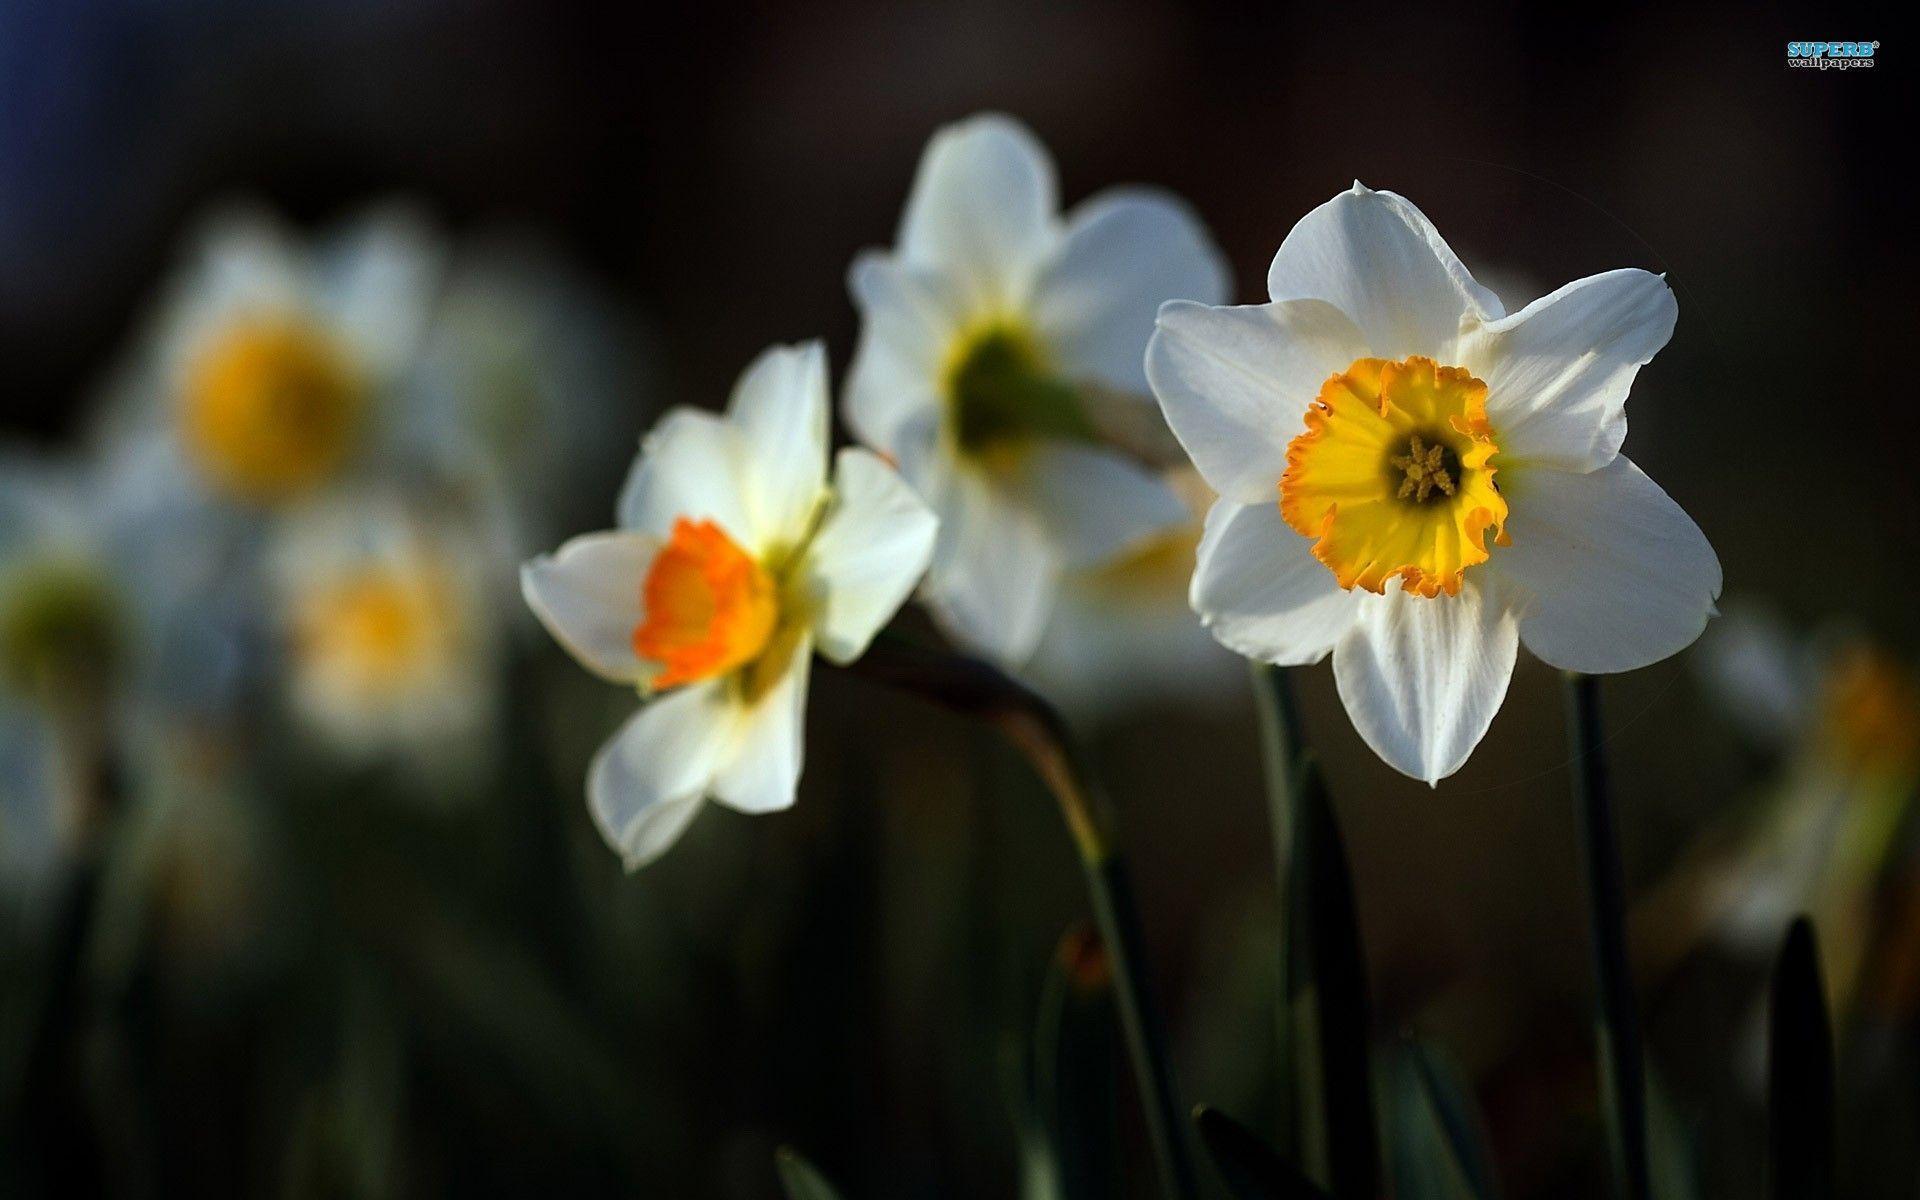 Daffodils Wallpaper Hd Daffodil Wallpapers Wallpaper Cave